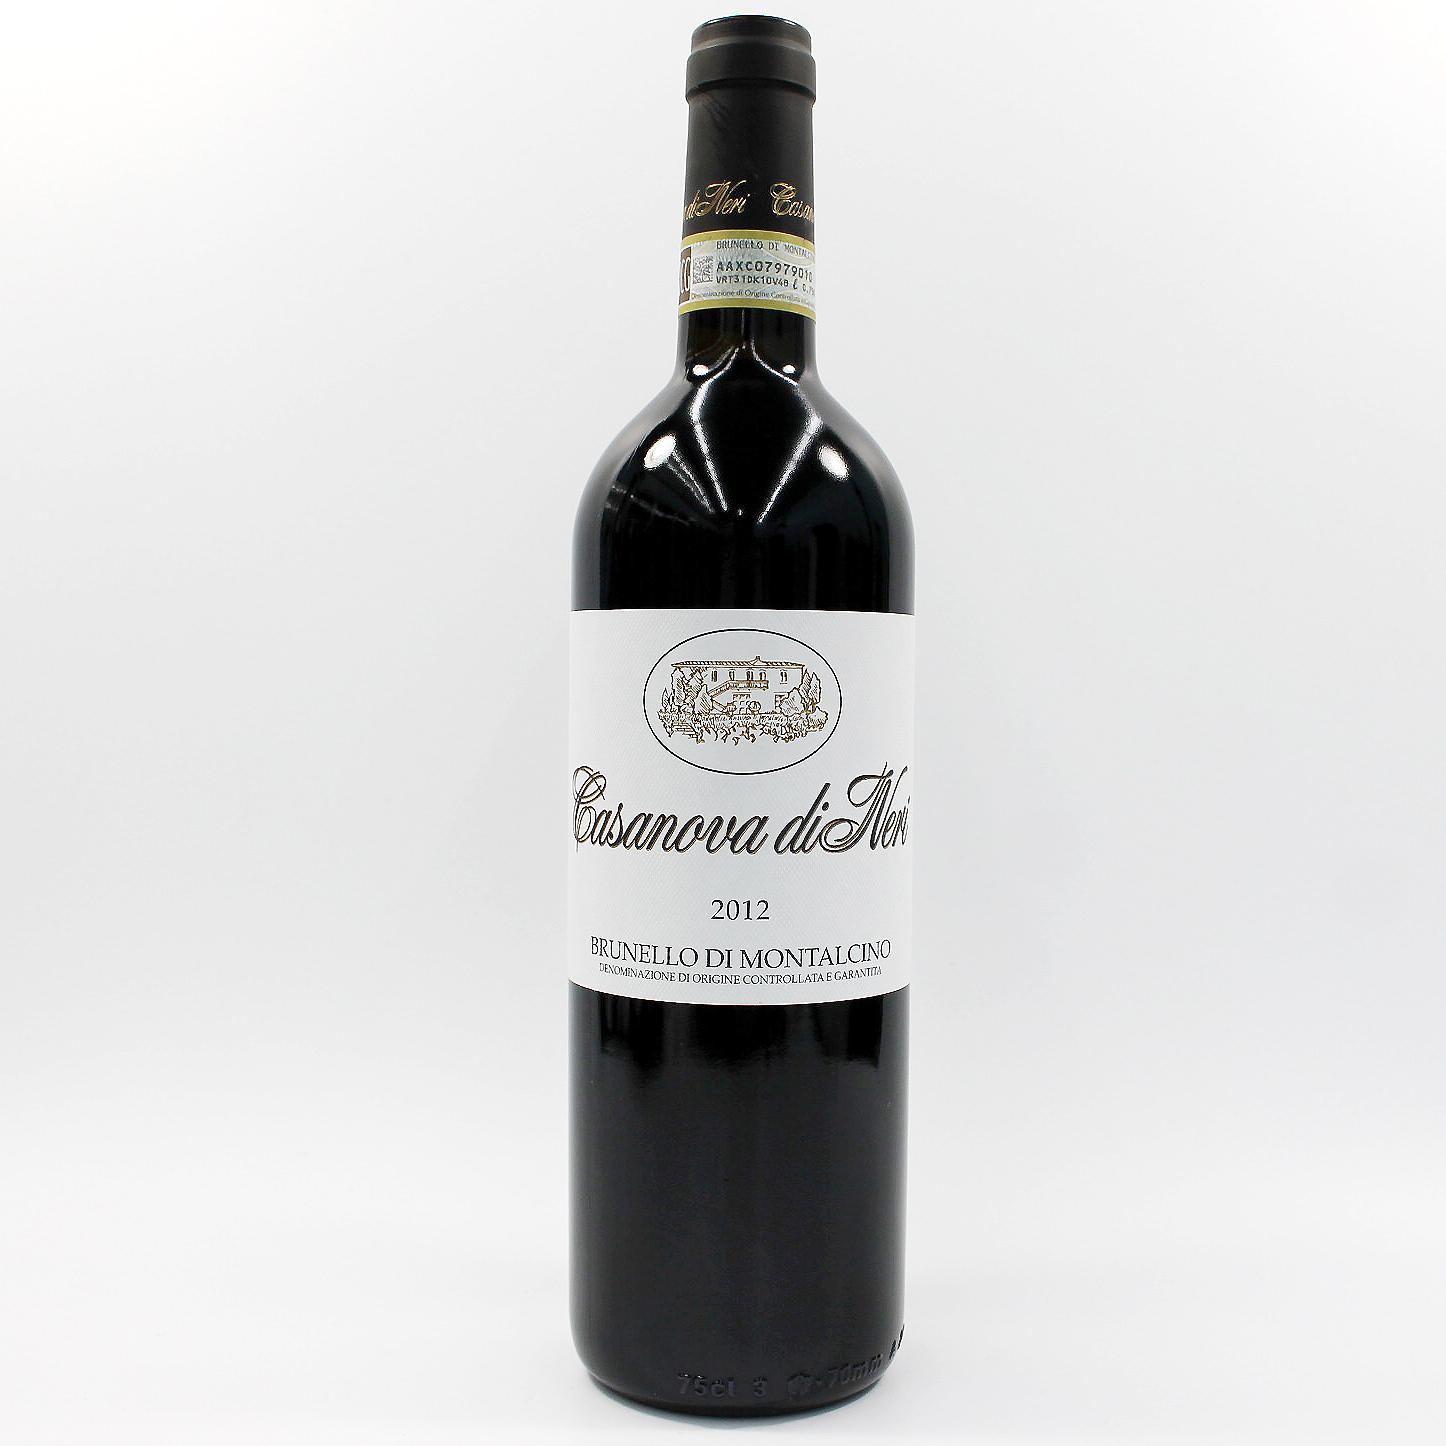 Sell wine: 2012 Casanova di Neri Brunello di Montalcino